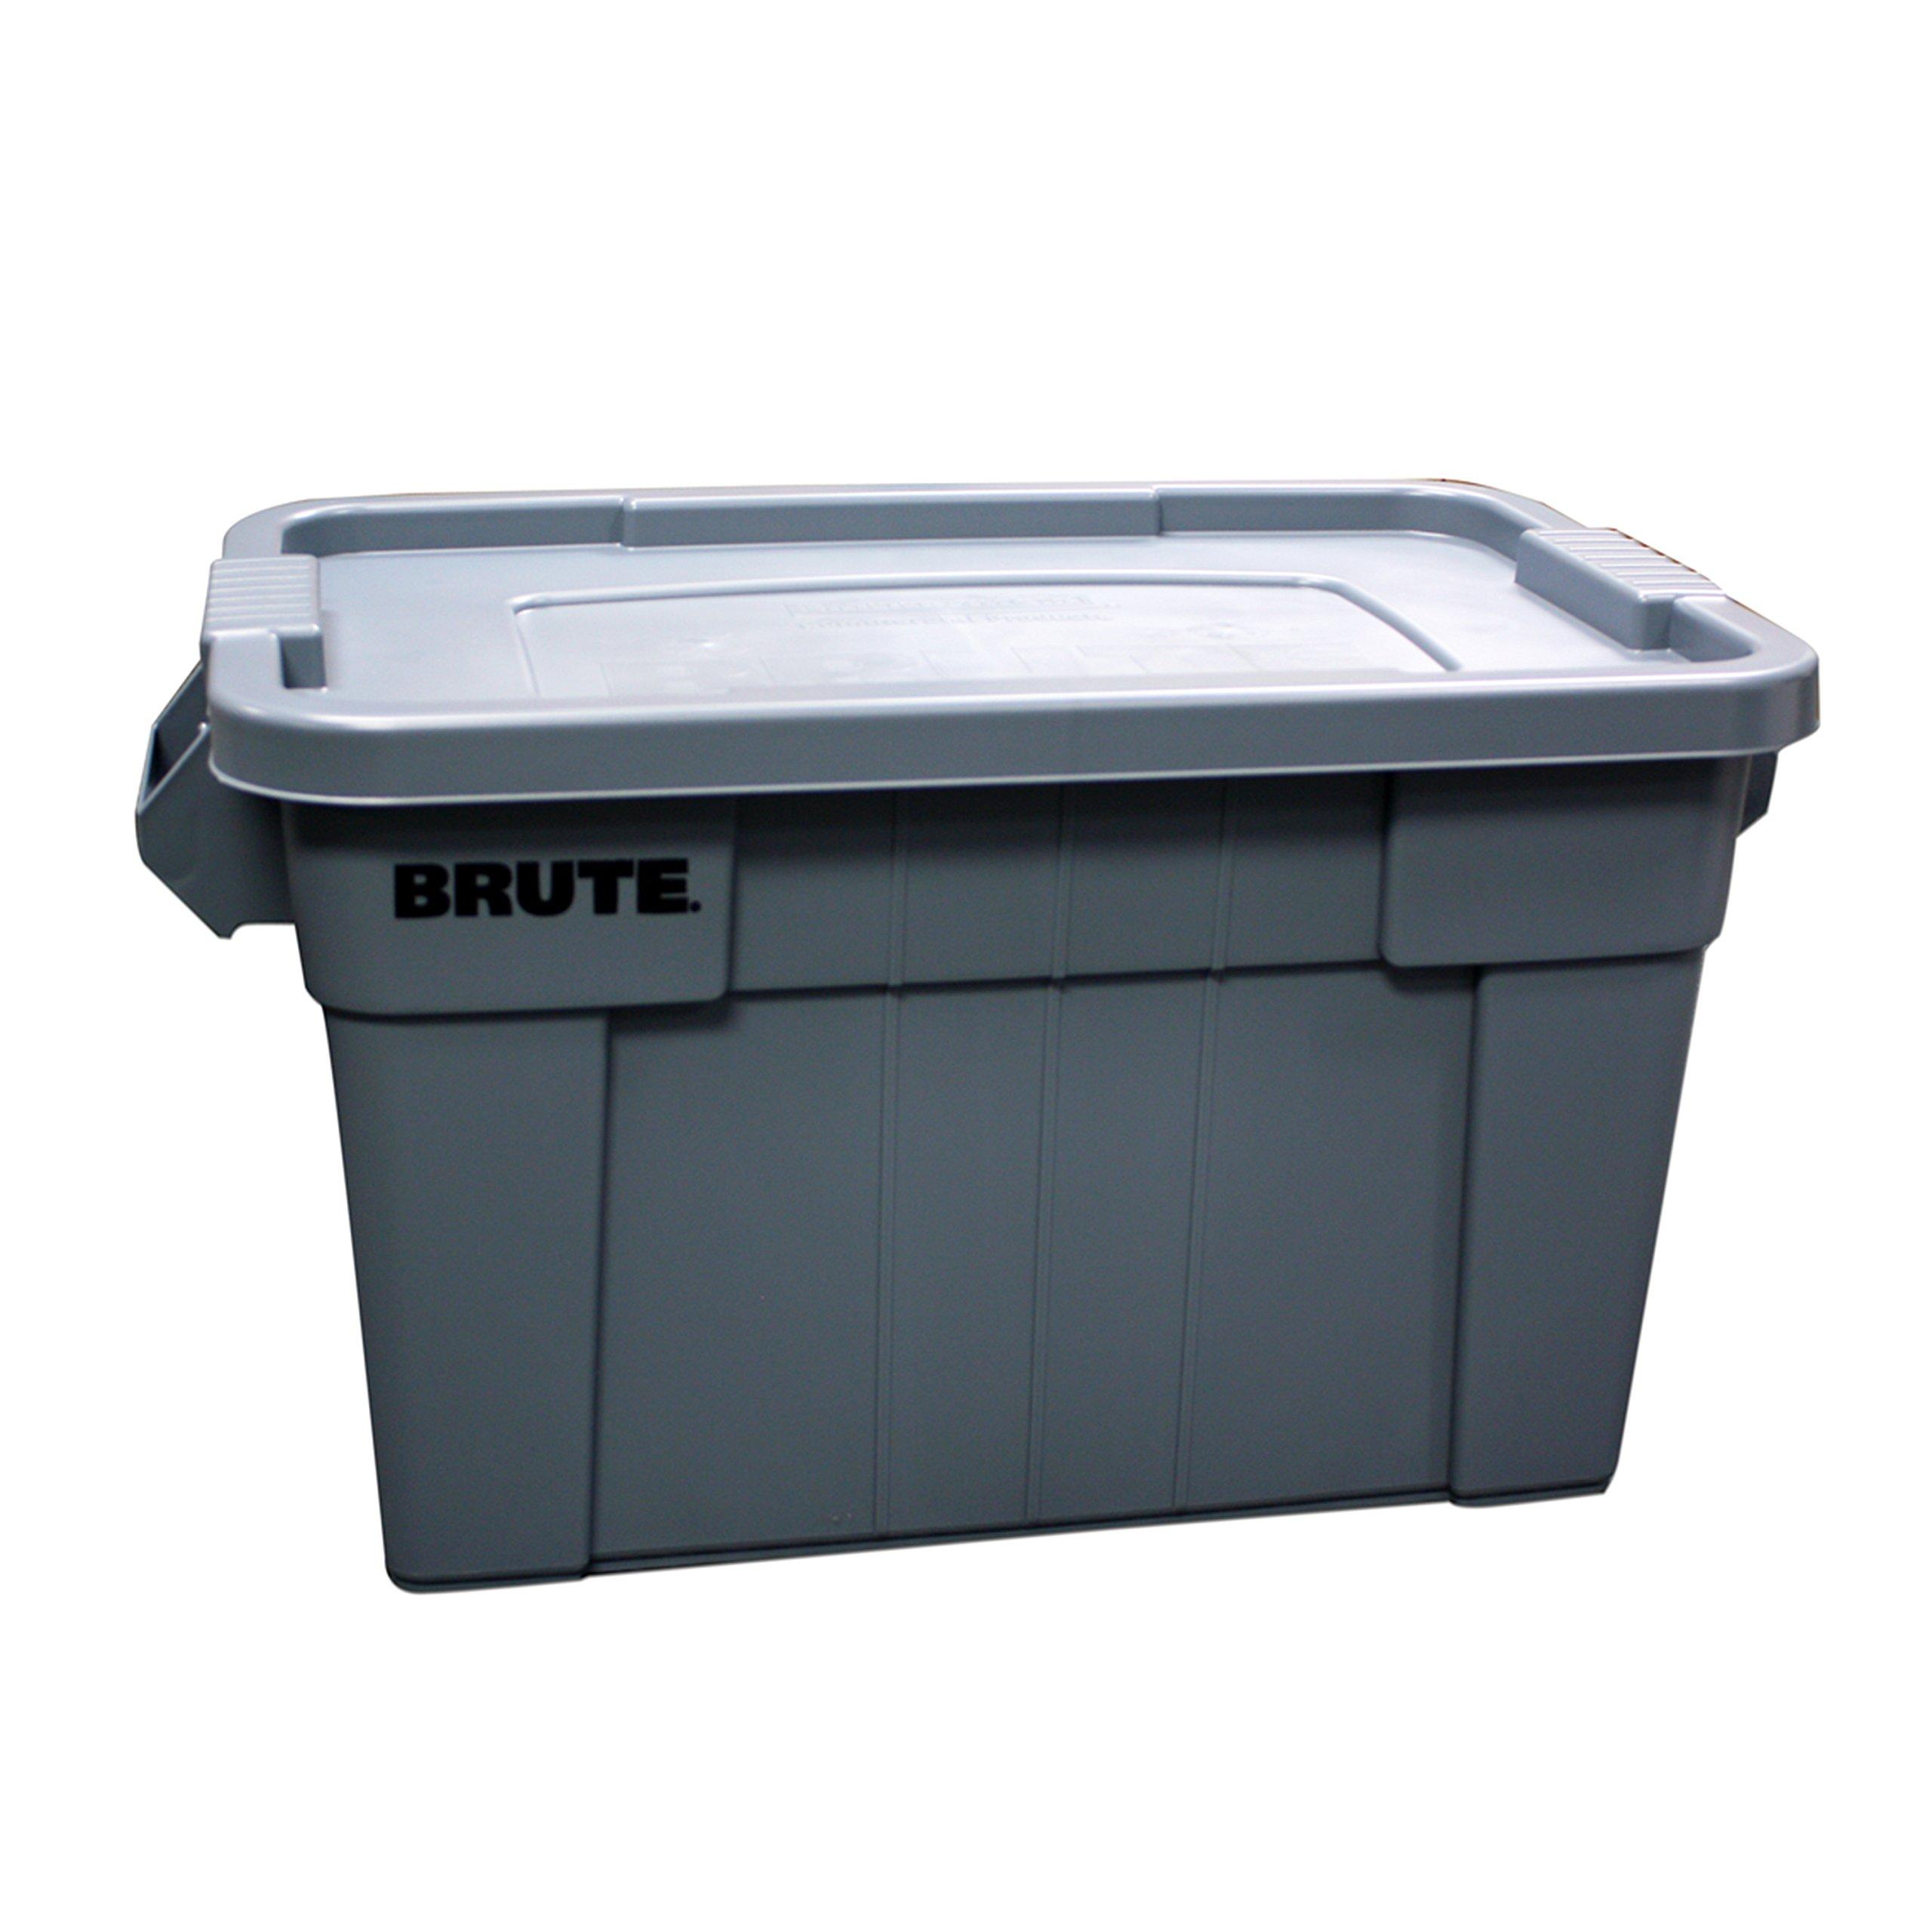 Caja BRUTE  de 75 litros, color Gris